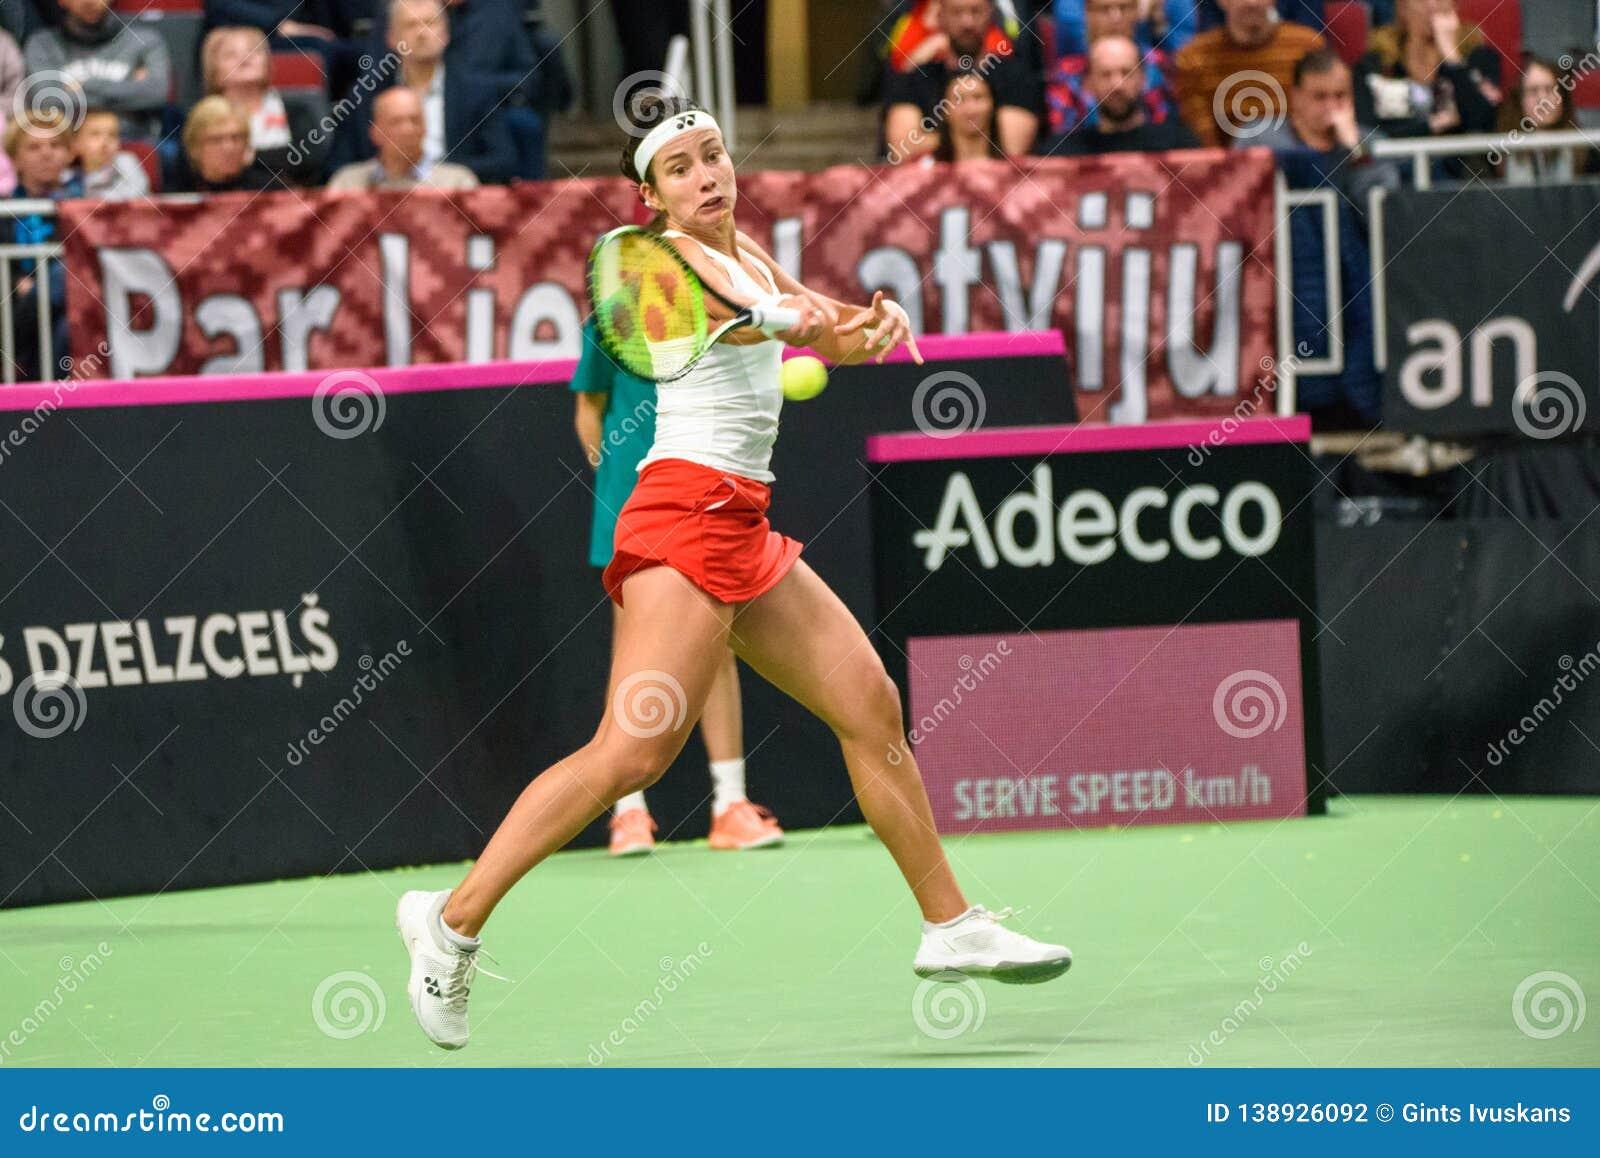 Anastasija Sevastova, во время игры группы II мира первой круглой между командой Латвией и командой Словакией